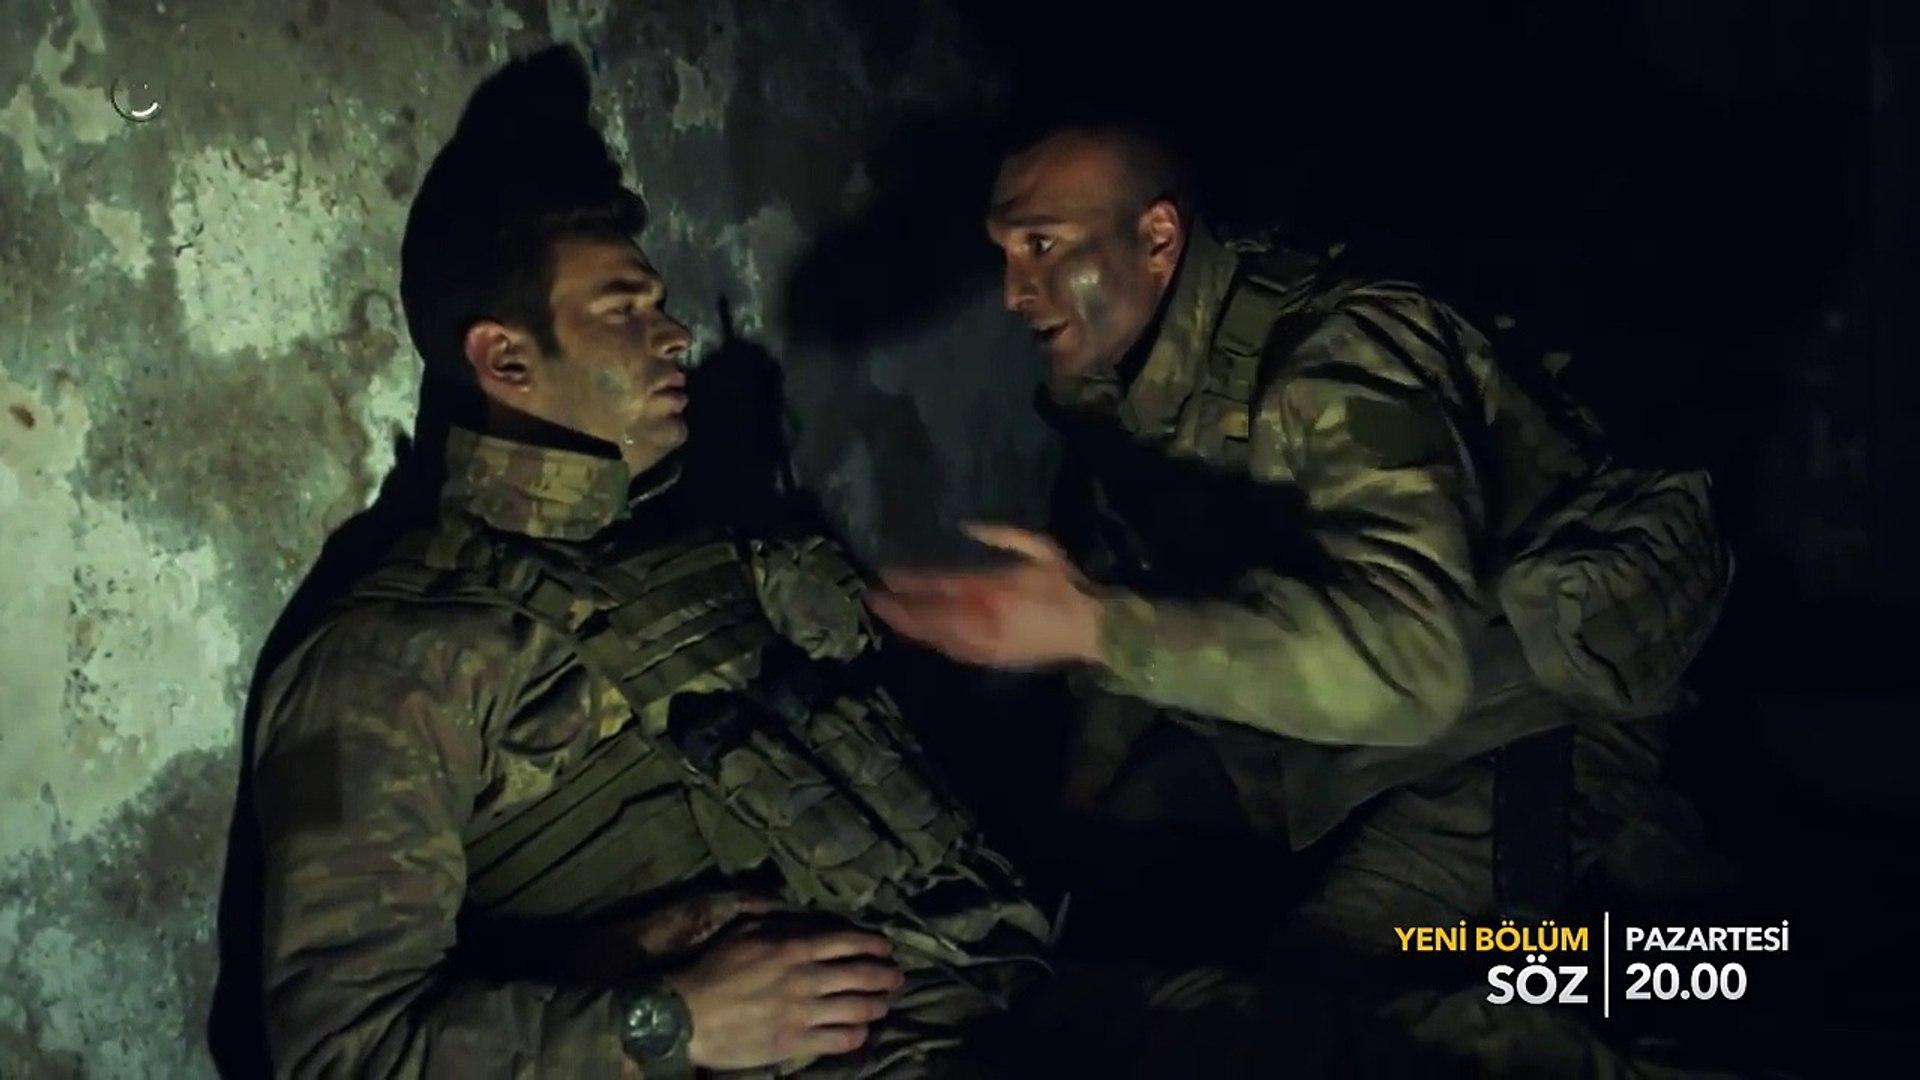 Söz / The Oath Trailer - Episode 34 (Eng & Tur Subs)